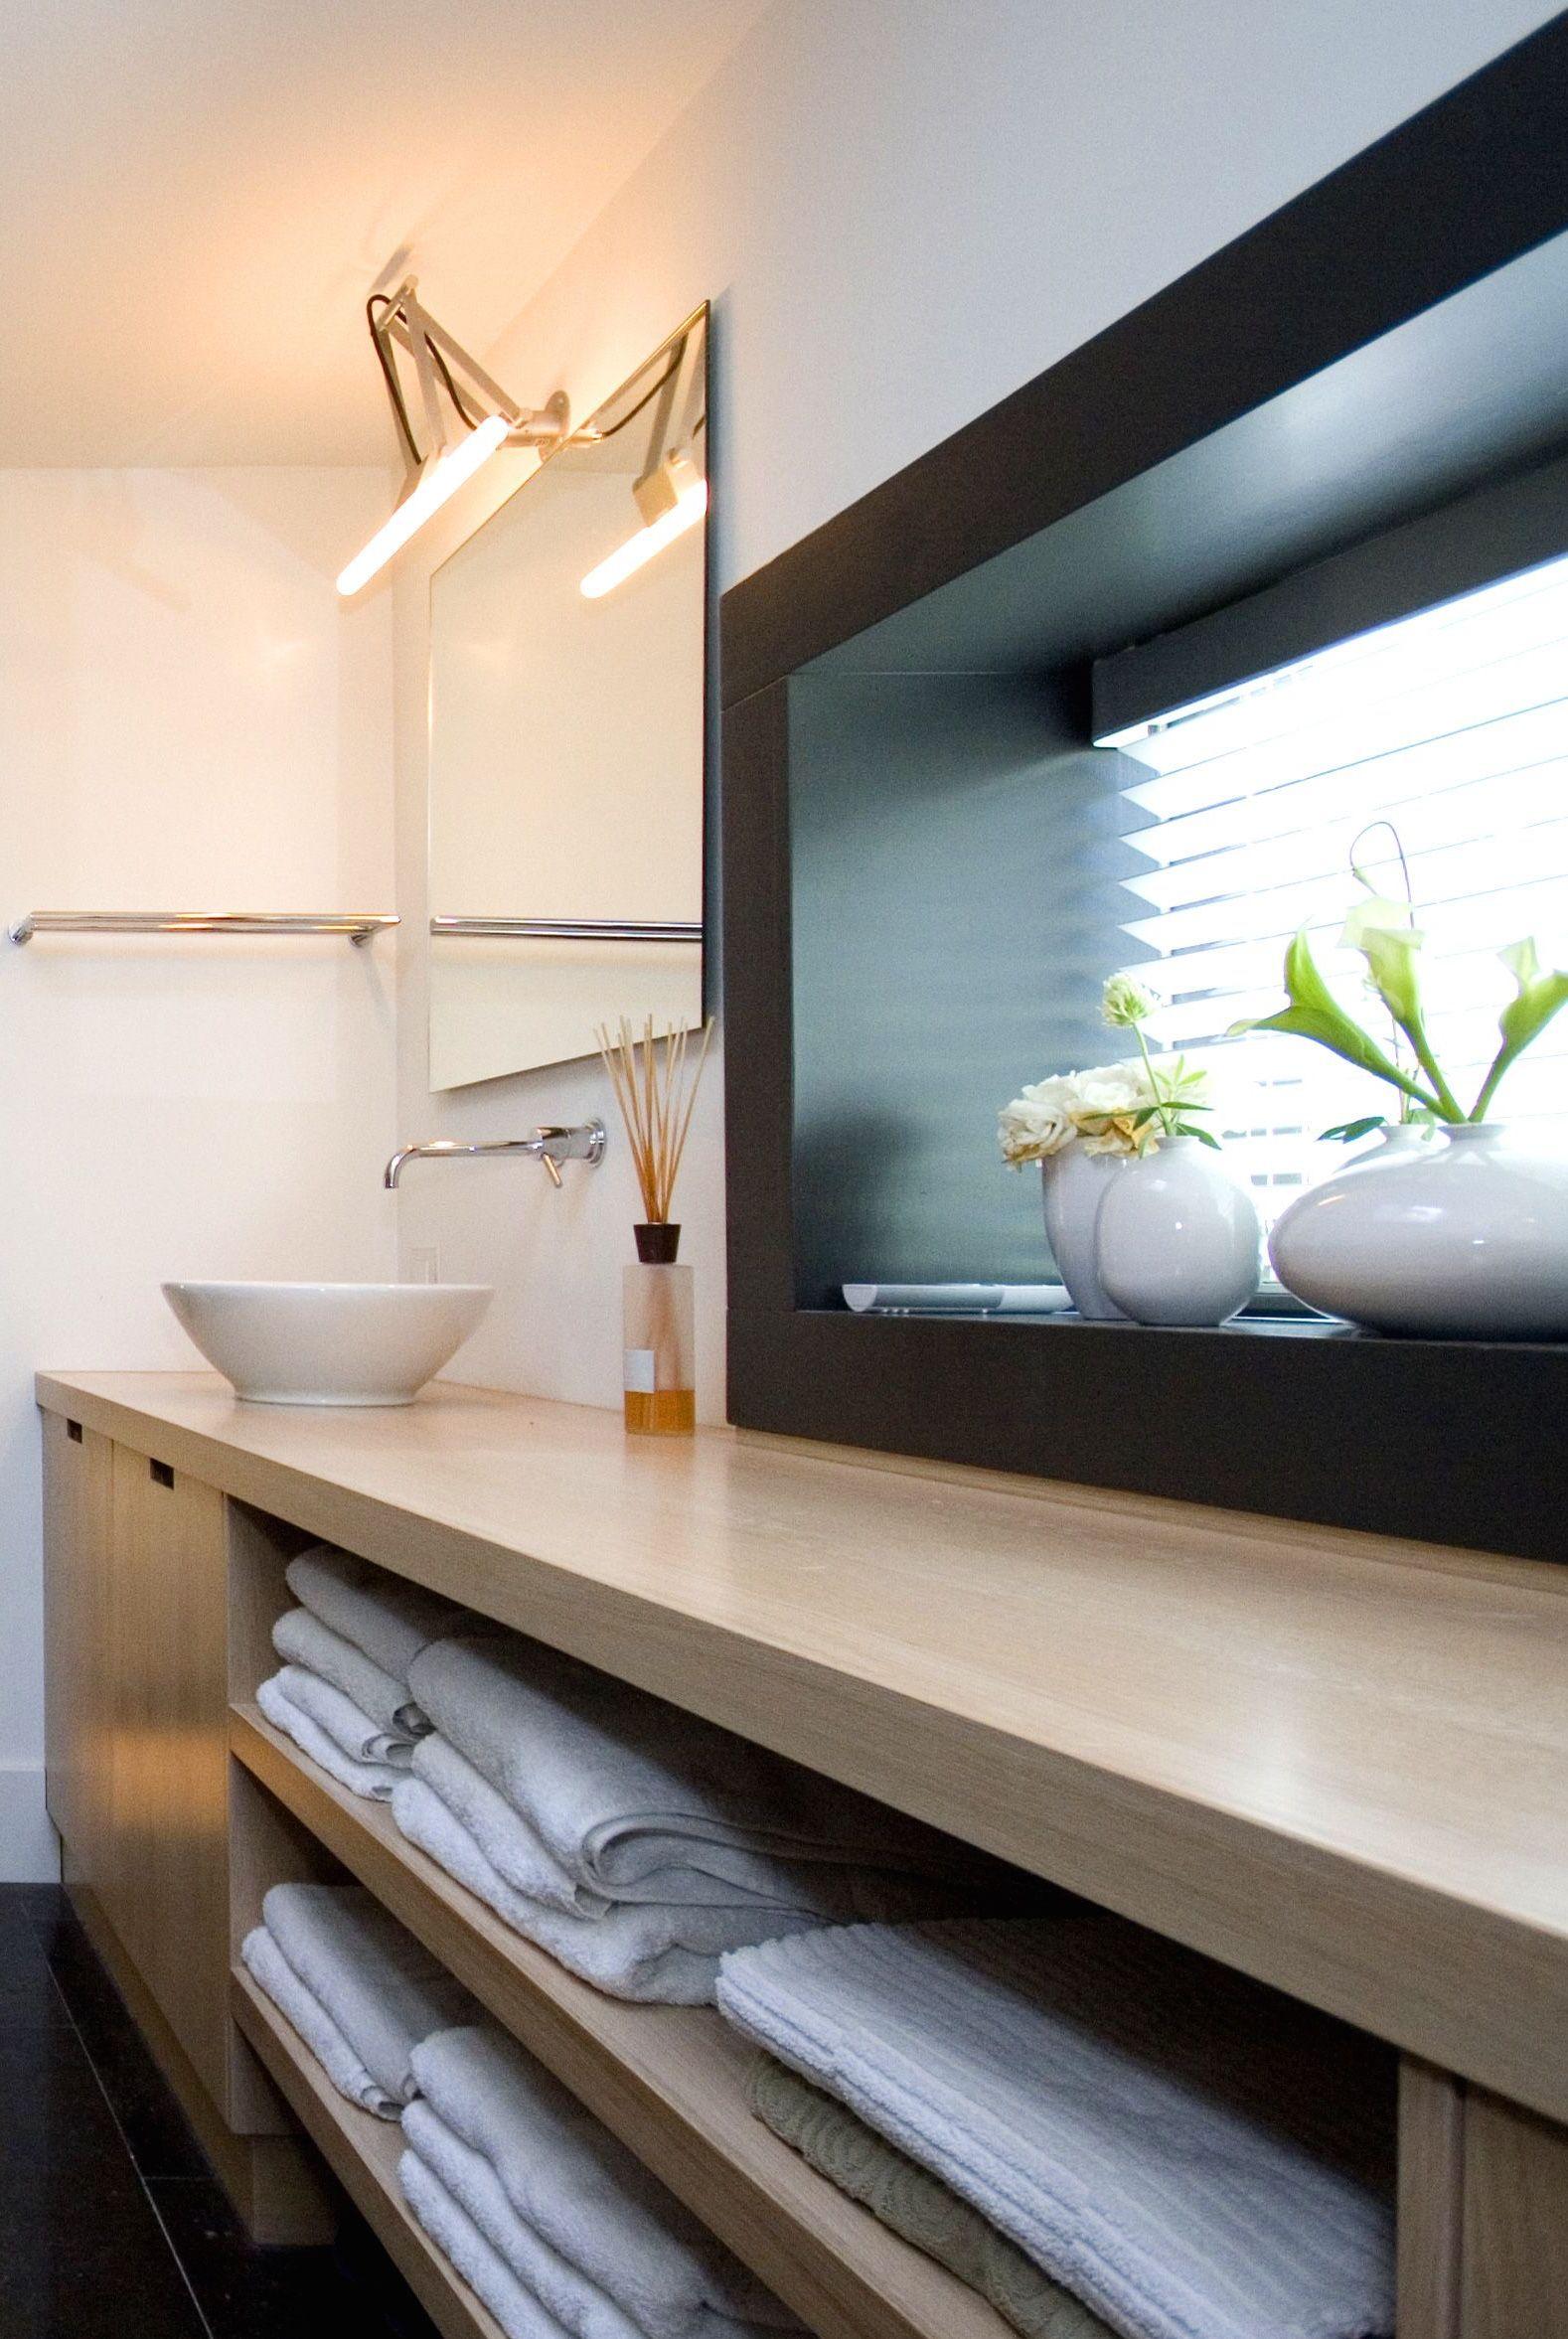 zwaartafelen i idee voor badkamermeubel